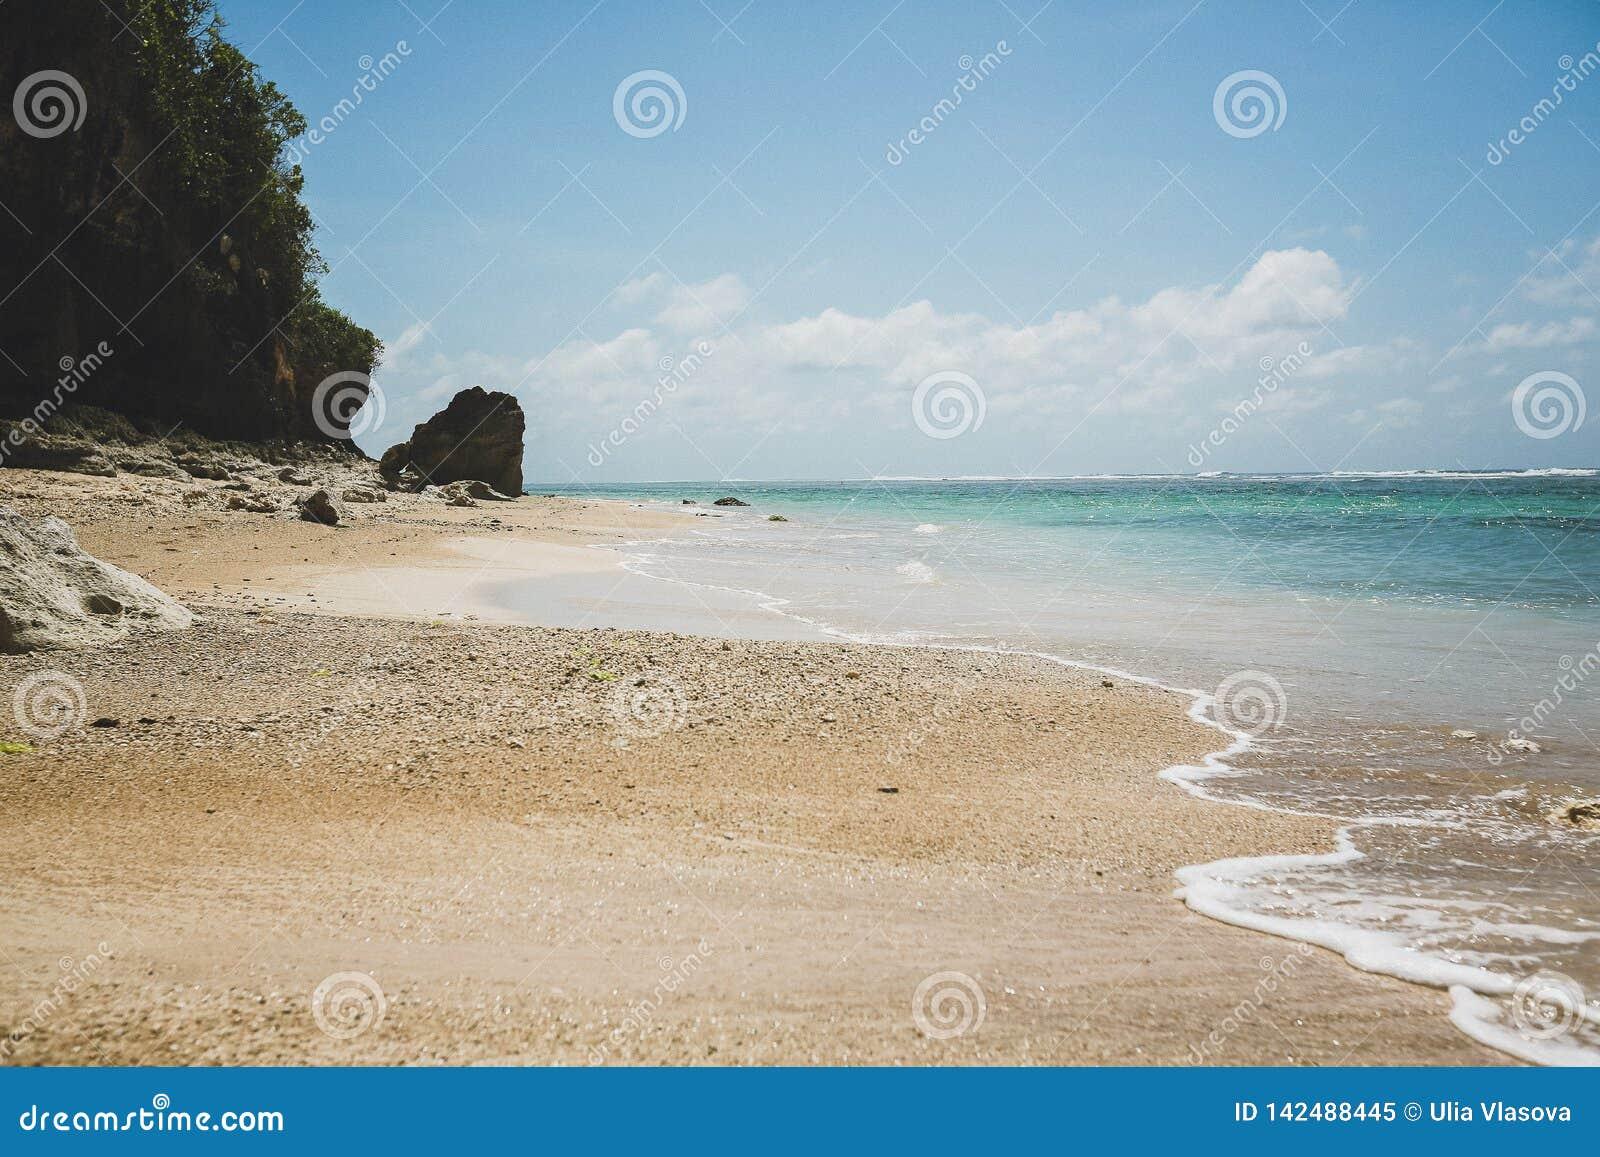 Καταπληκτική χρυσή παραλία στο Μπαλί